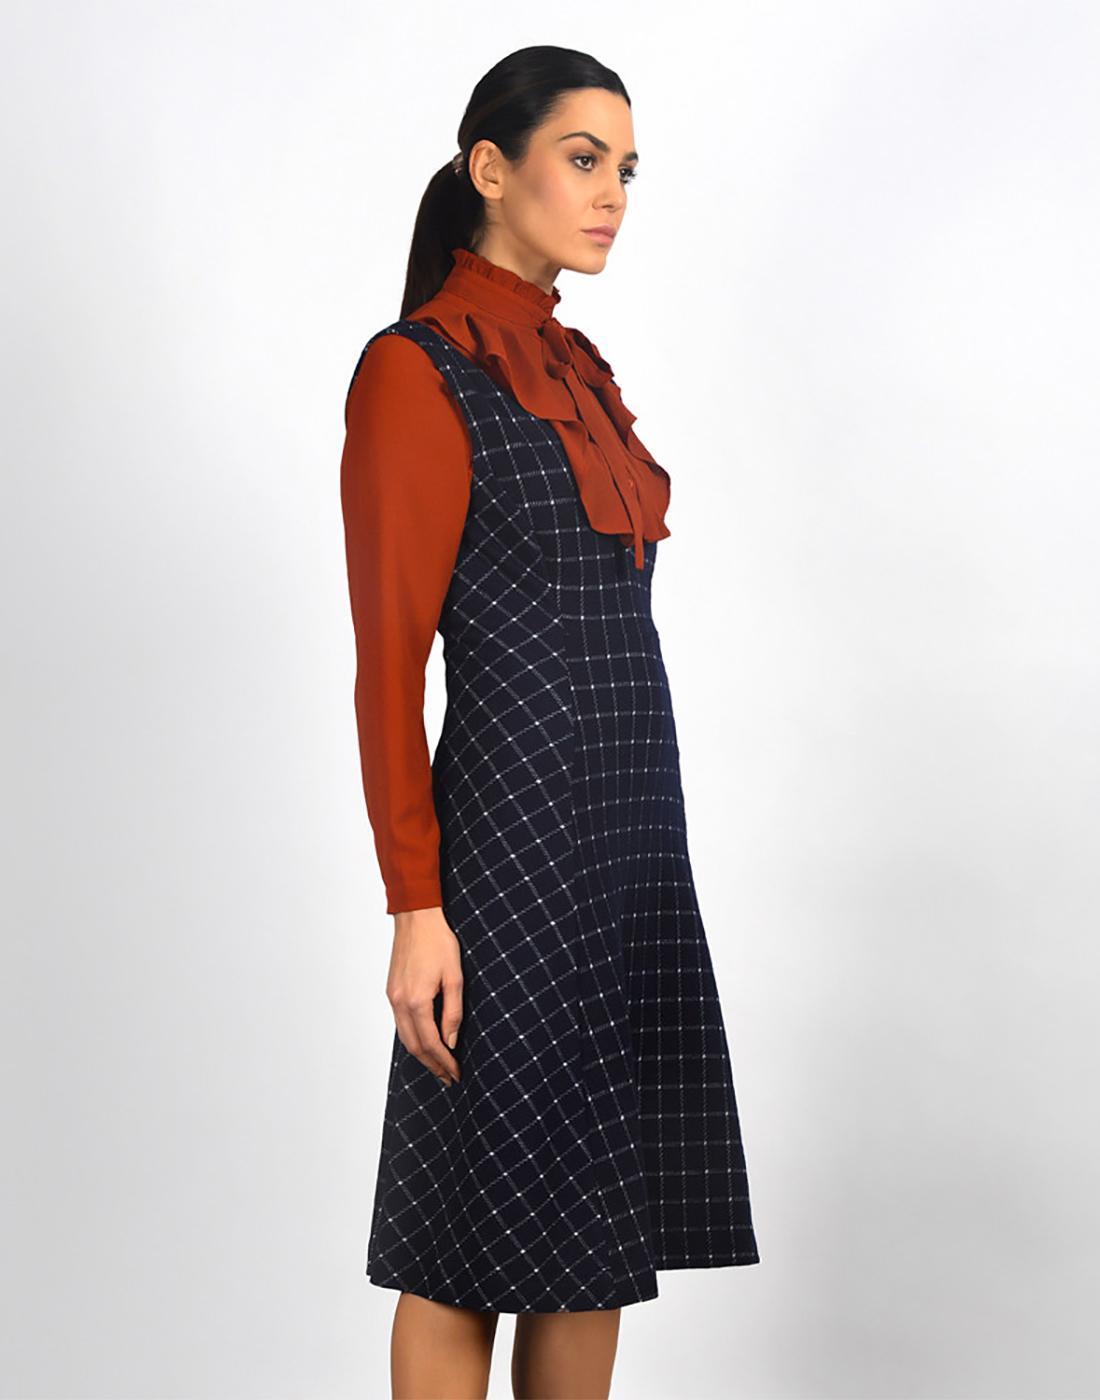 Highlands FEVER Vintage Deep V Pinafore Dress